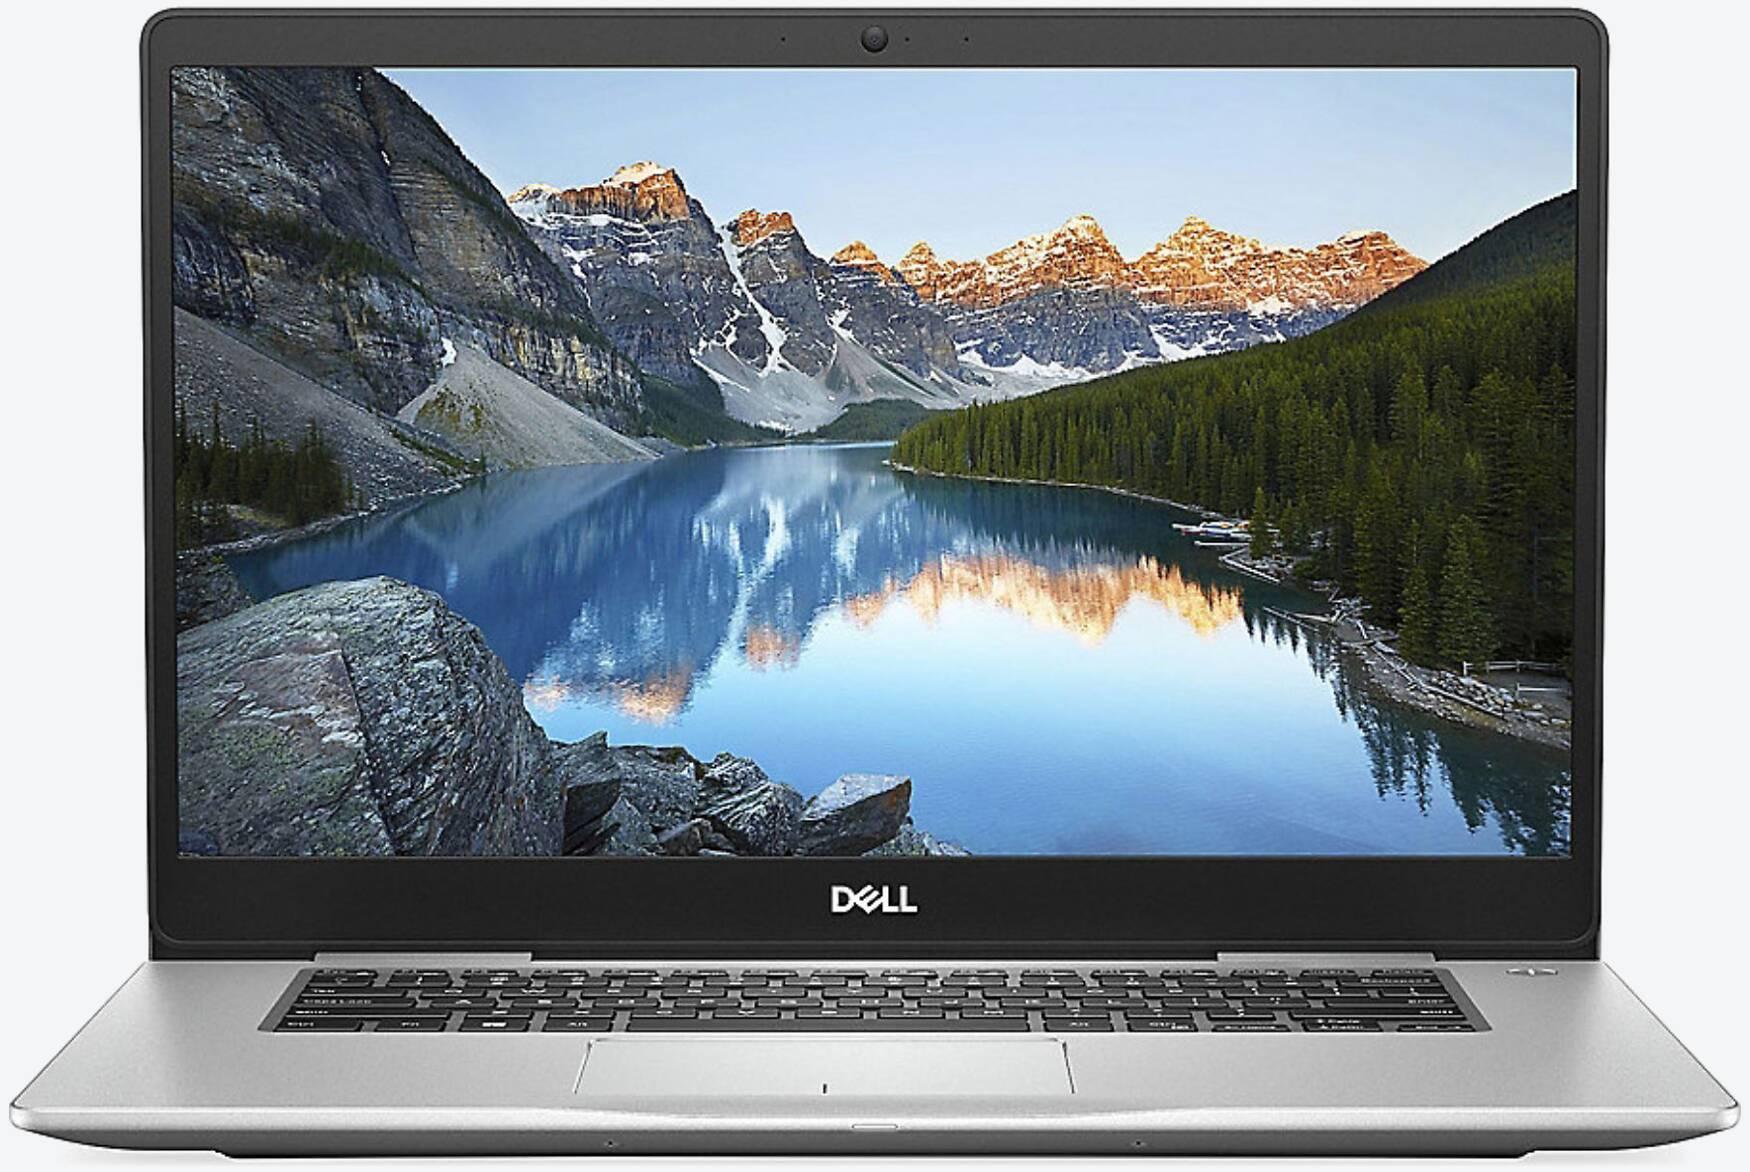 Dell Inspiron 15 7580-2225